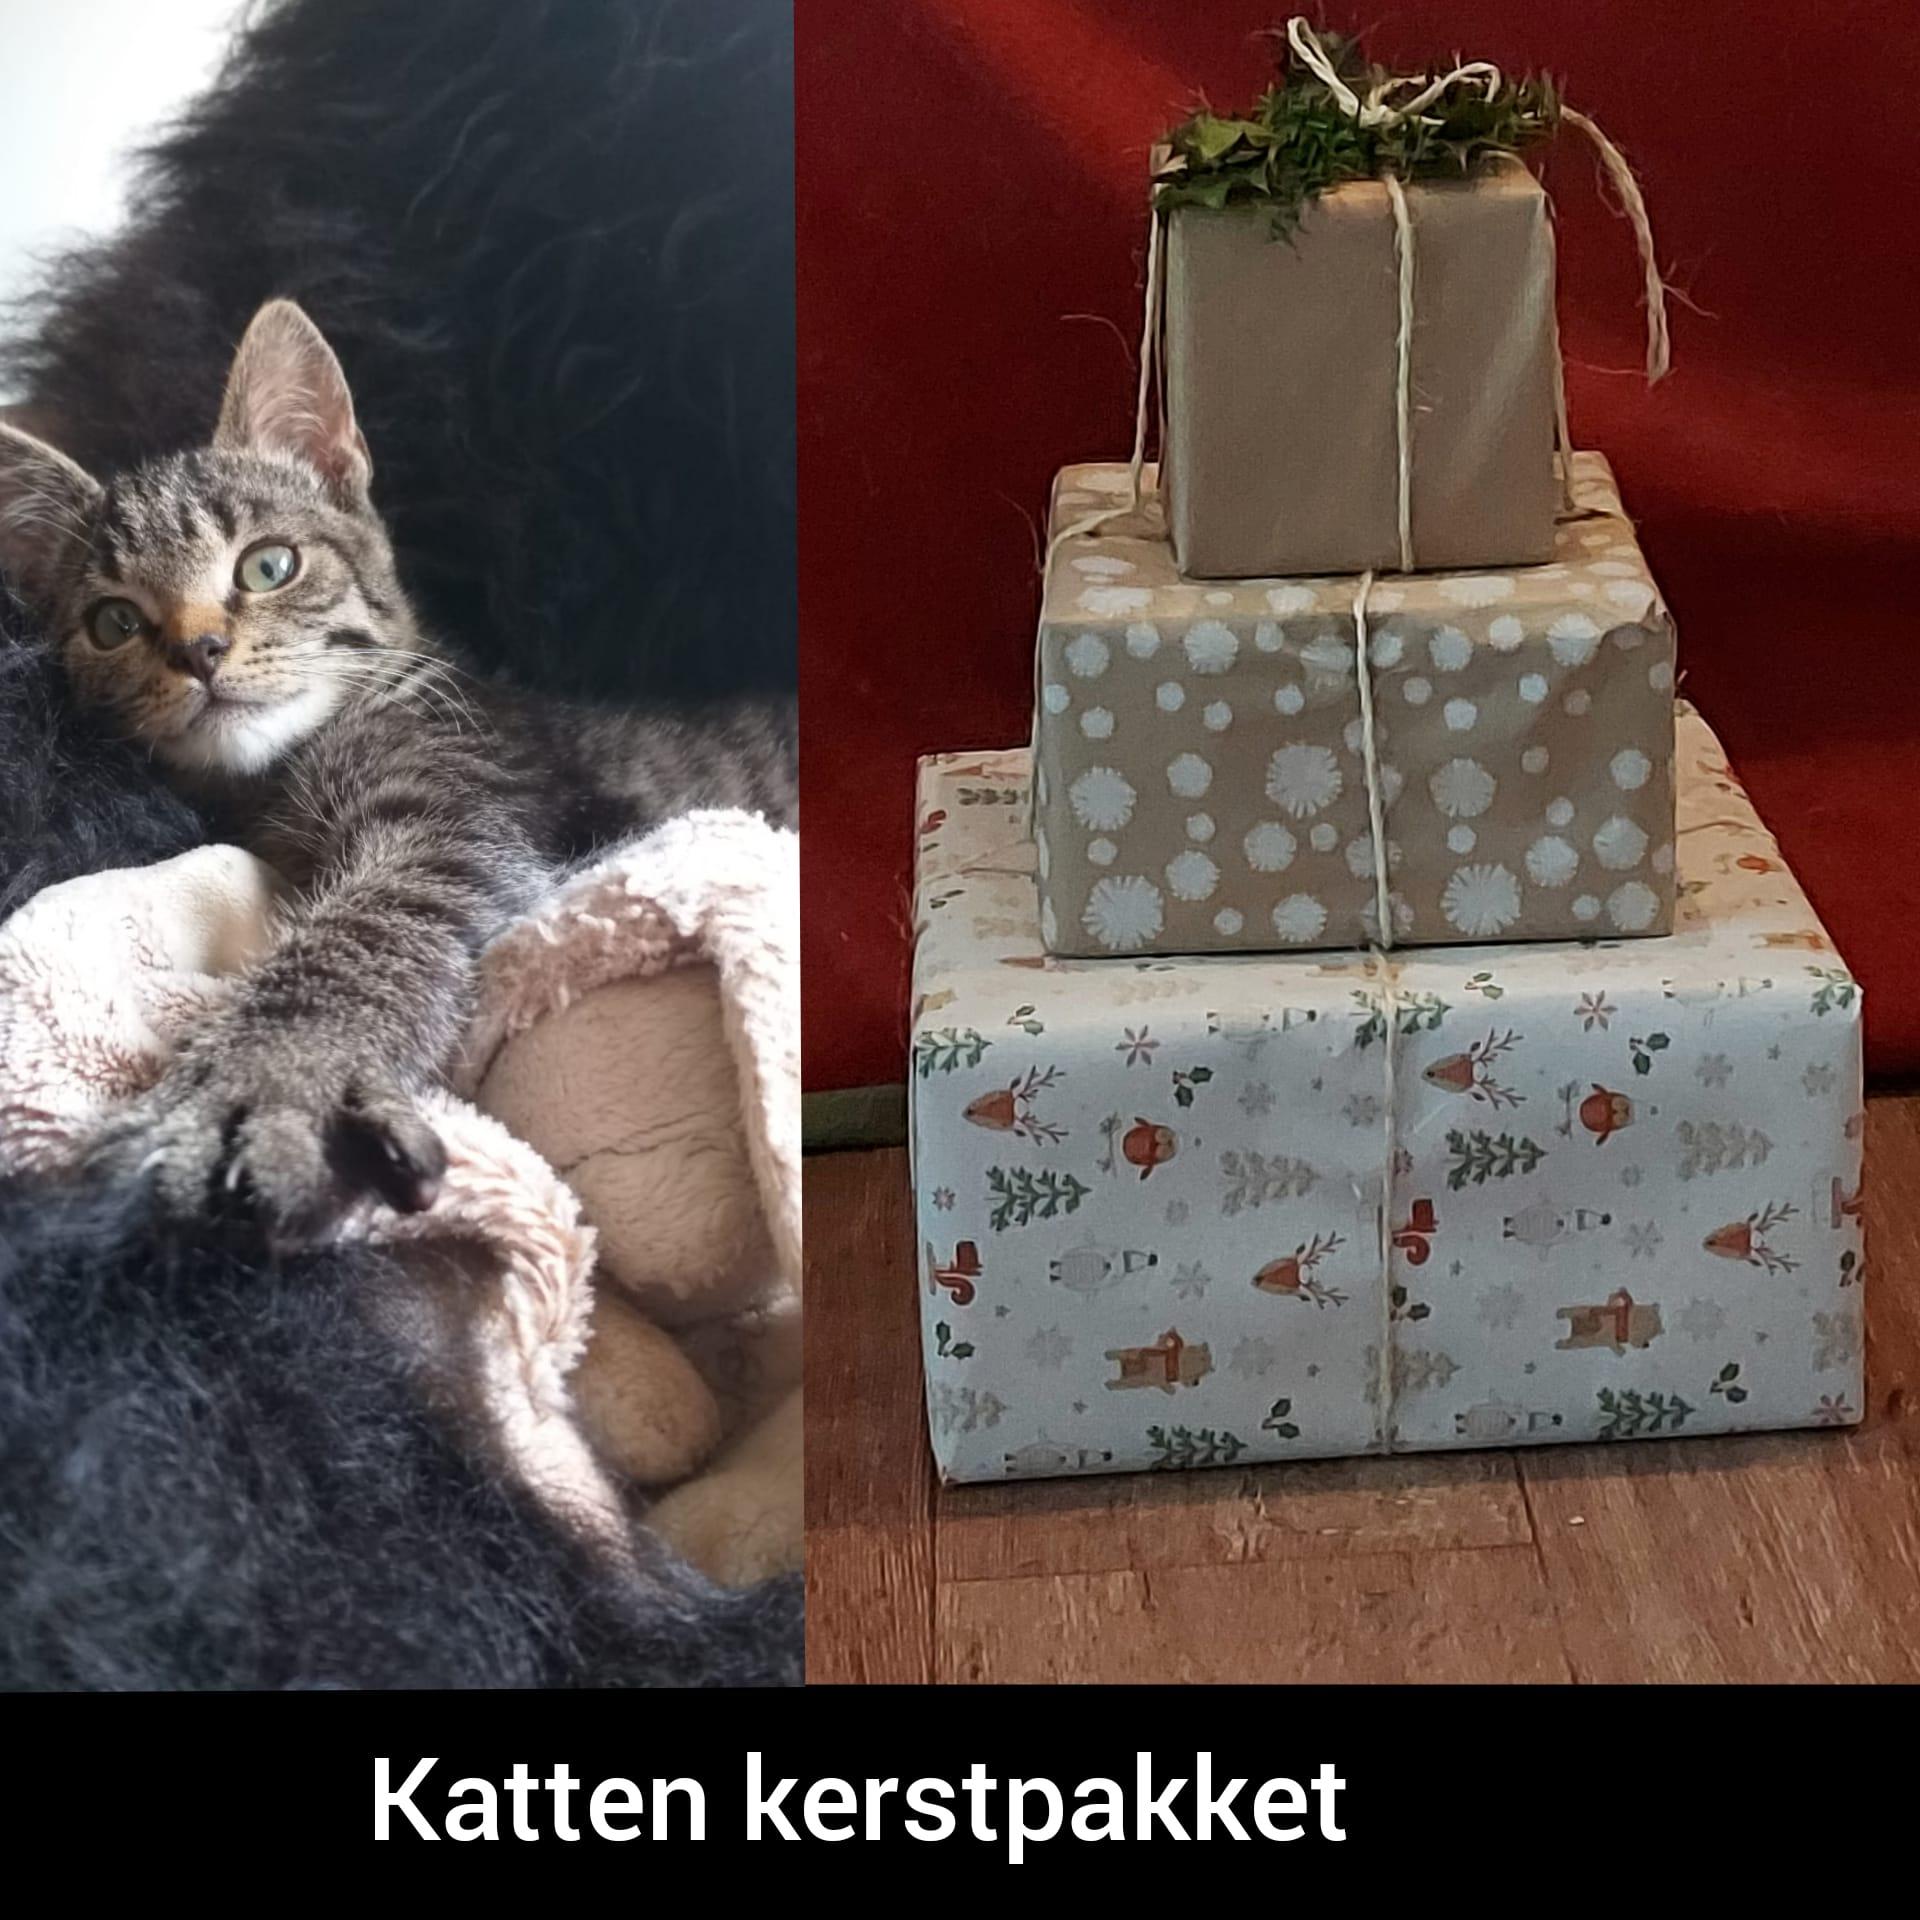 kerstpakket voor de kat